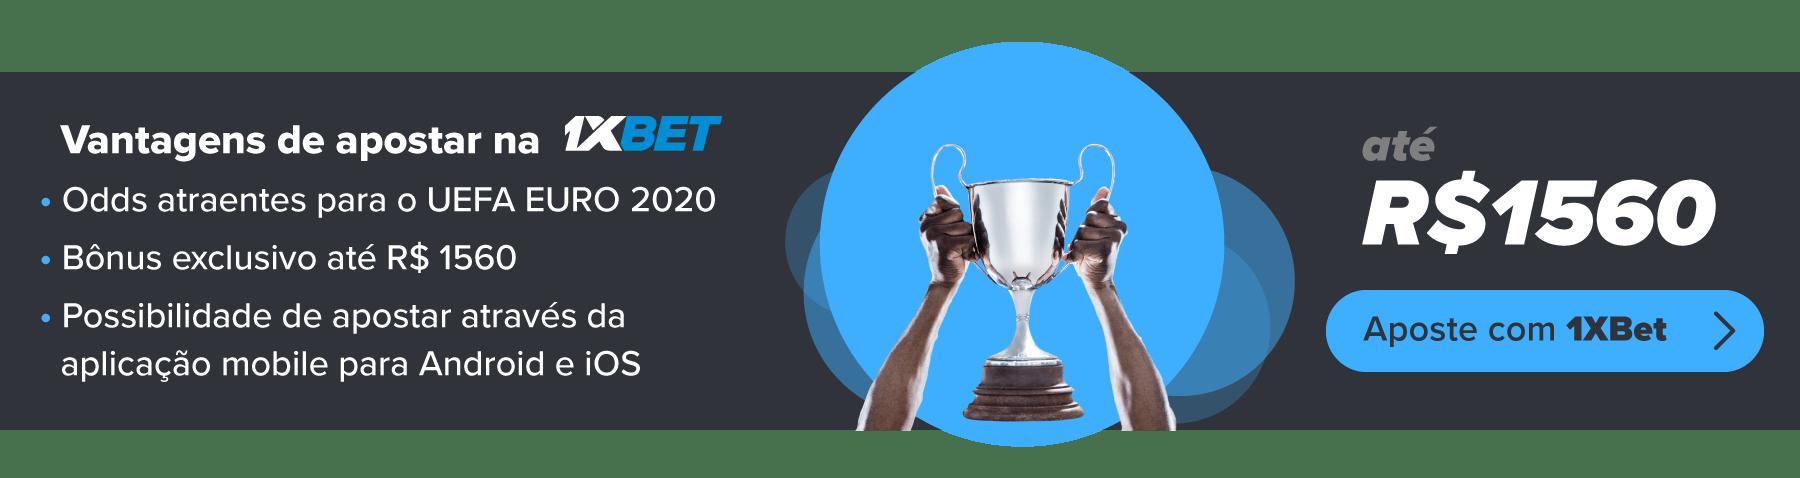 1xbet euro 2020